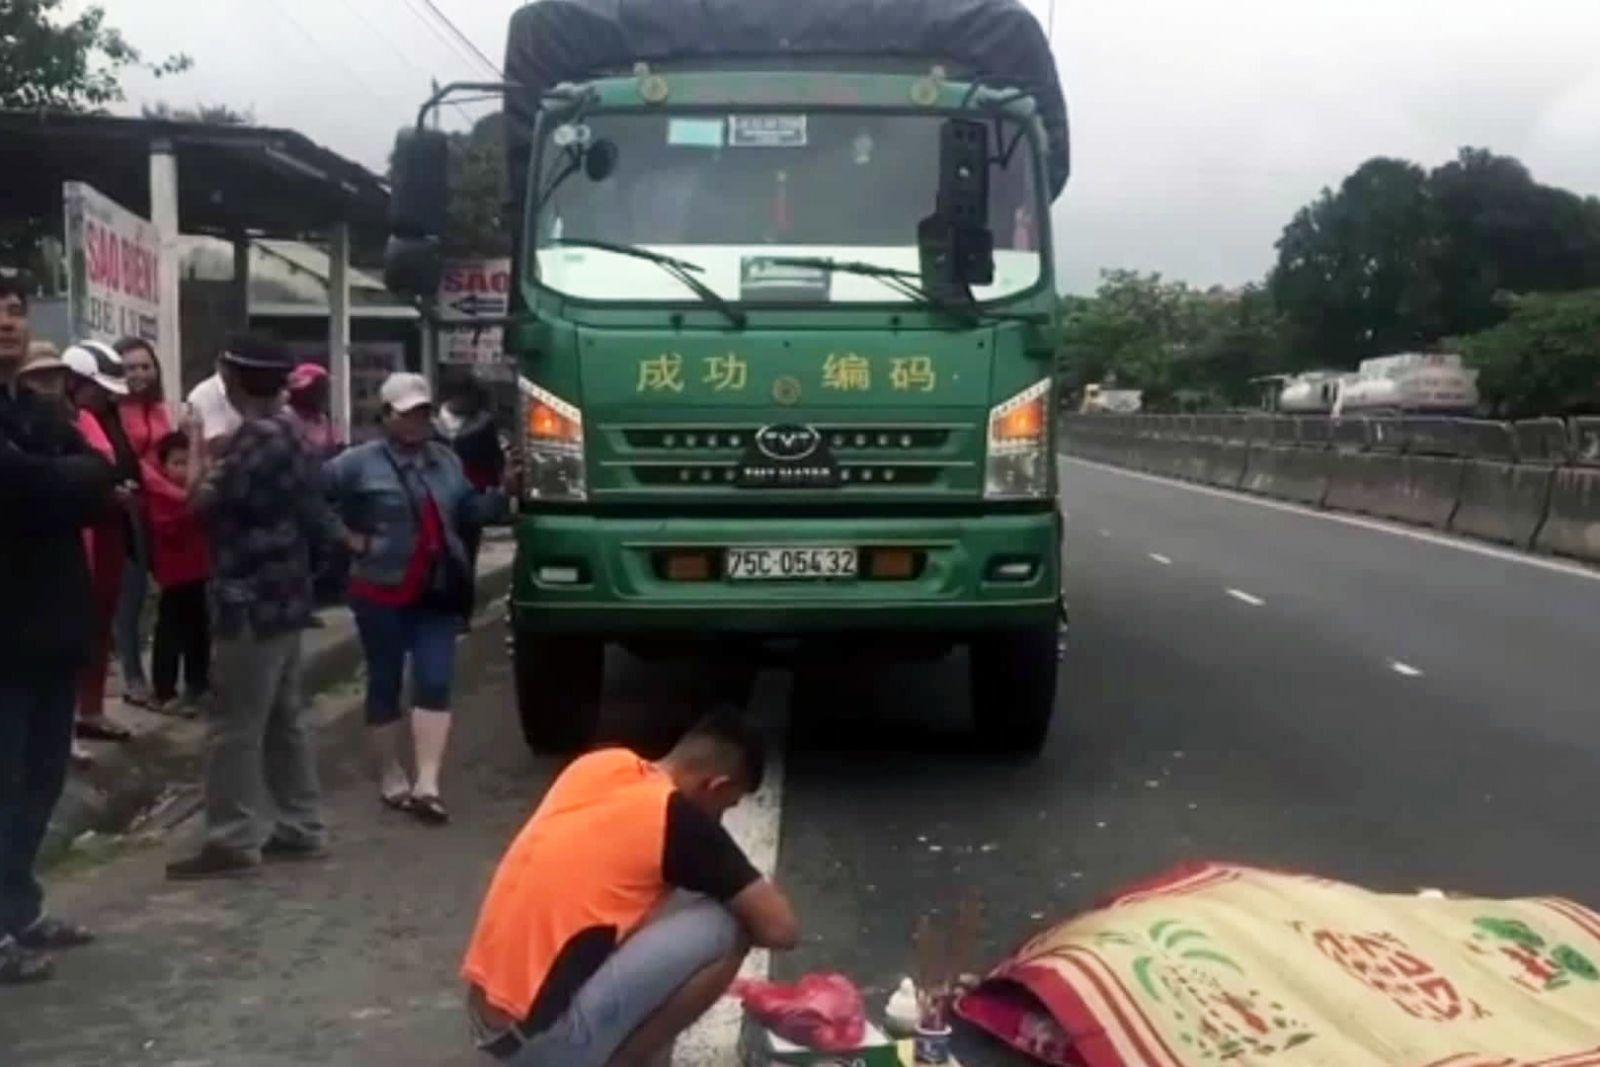 TT-Huế: Vừa từ cabin xuống, tài xế xe tải bị xe khách đâm chết thảm